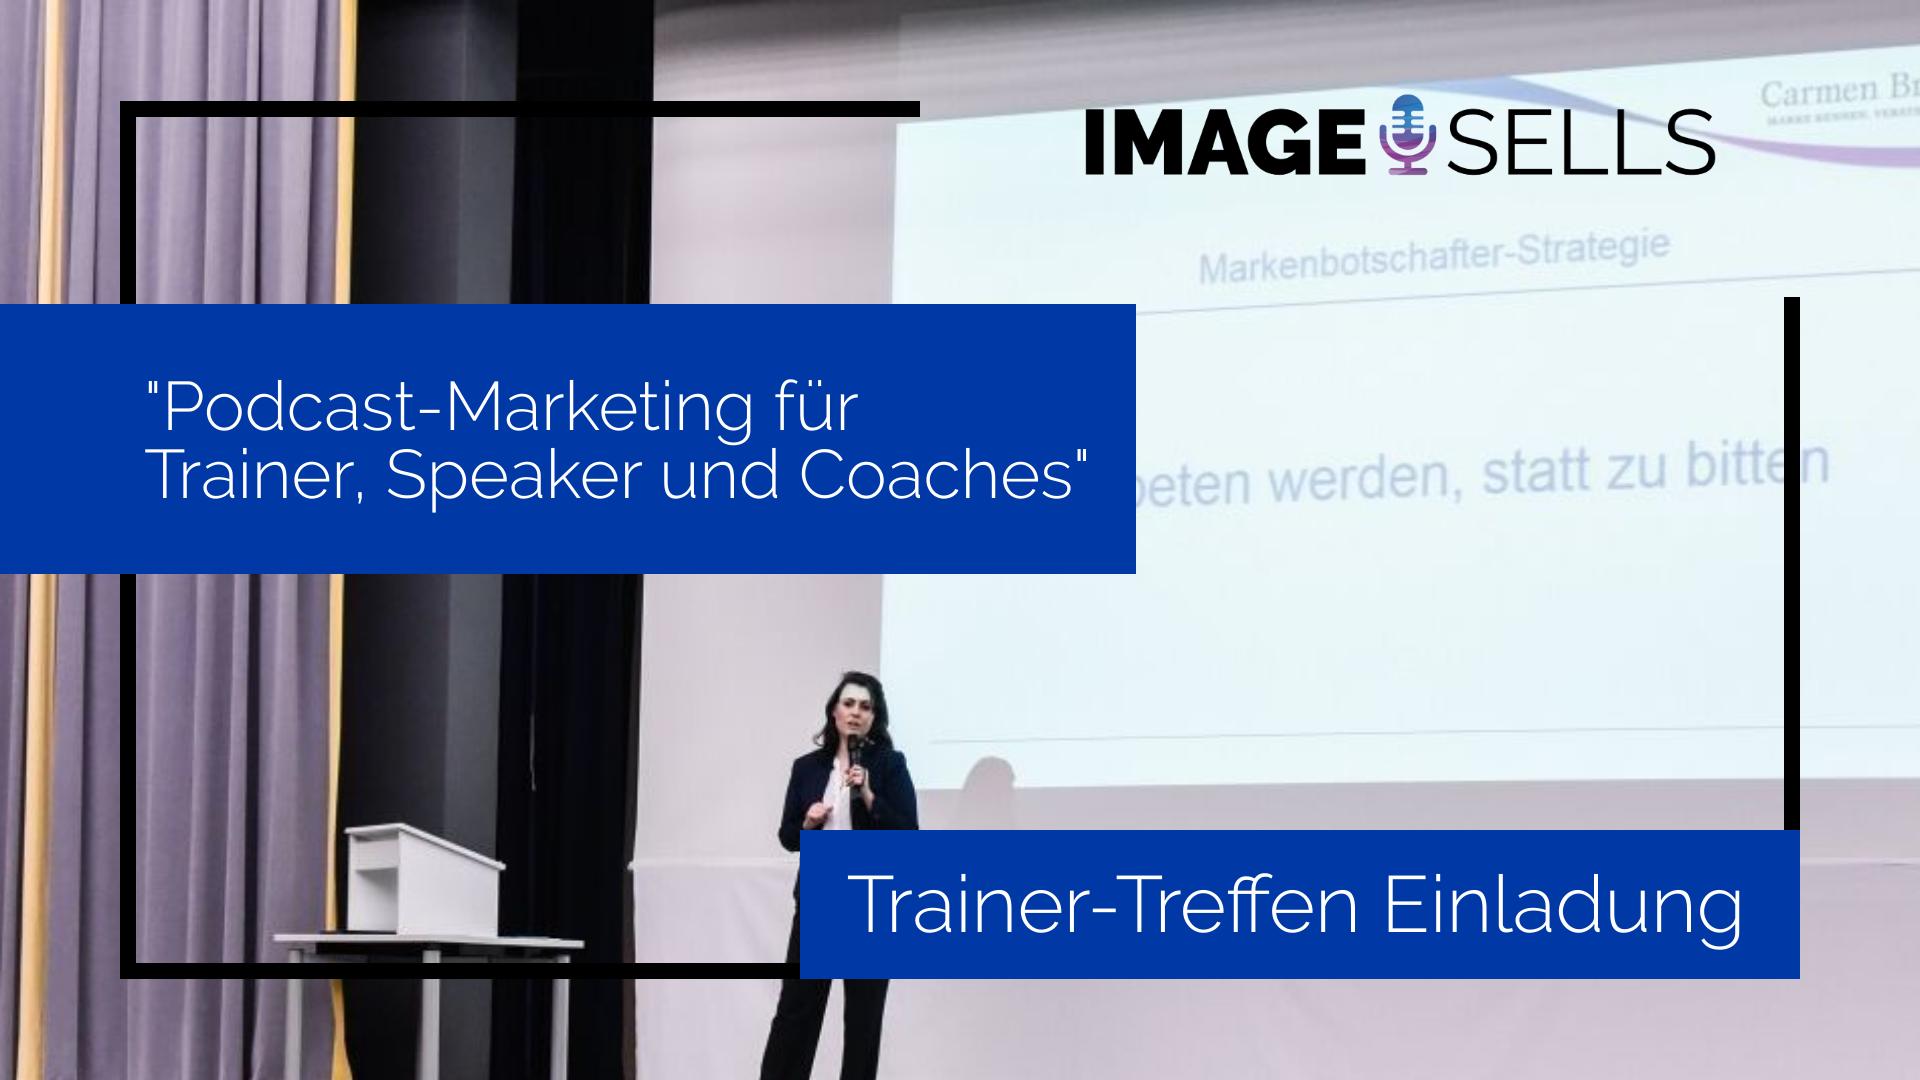 Trainertreffen Einladung – 25.09.20 – Podcast Marketing für Trainer, Speaker und Coaches